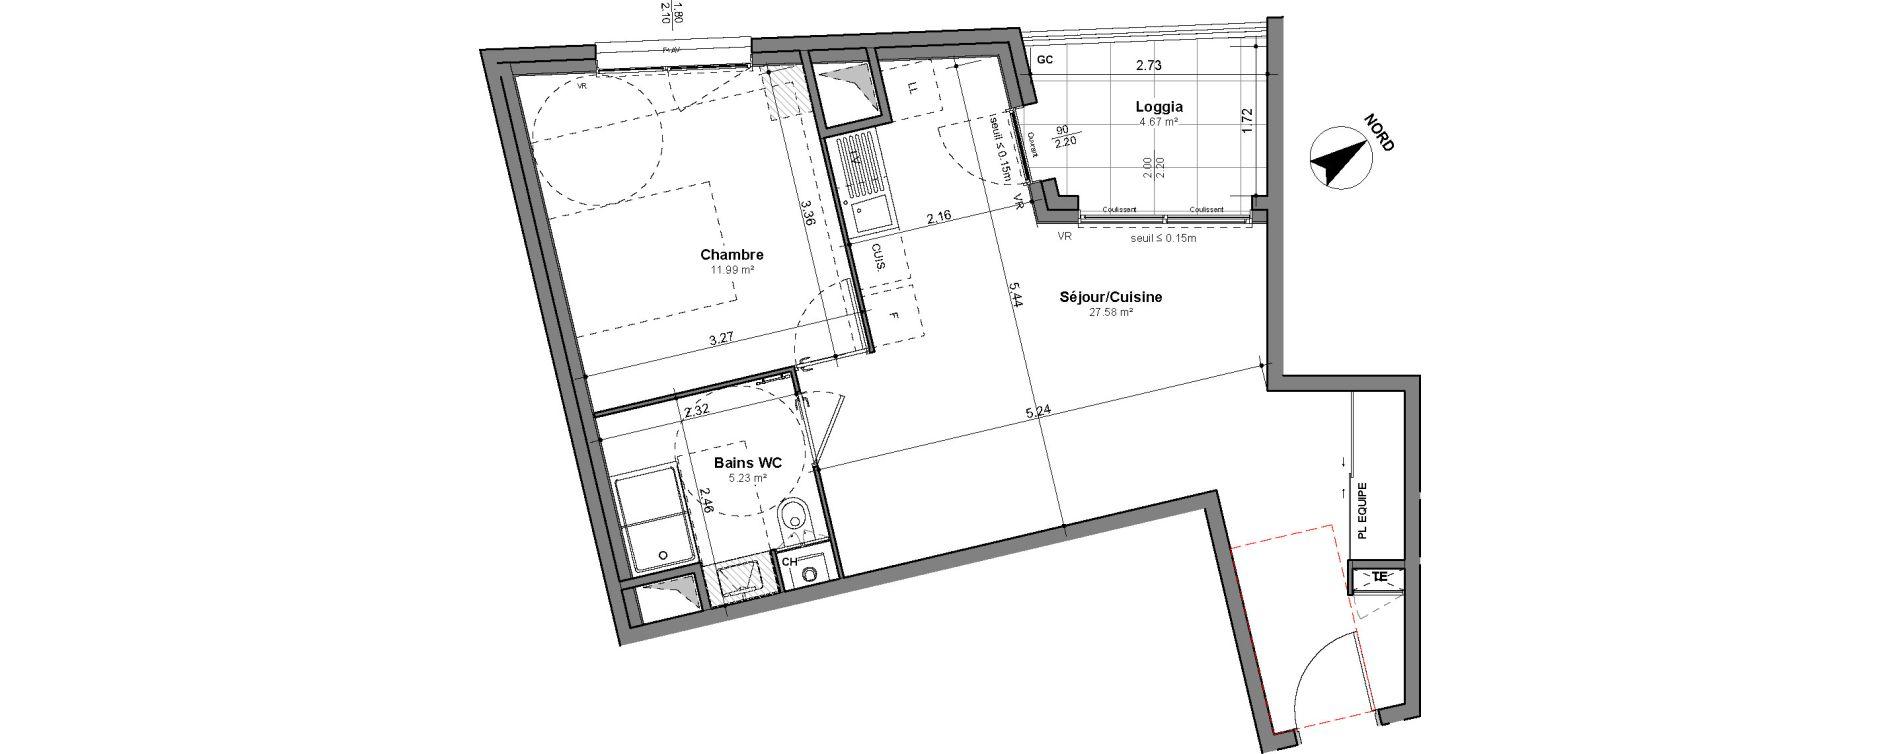 Appartement T2 de 44,80 m2 à Lyon Santy - la plaine (8eme)